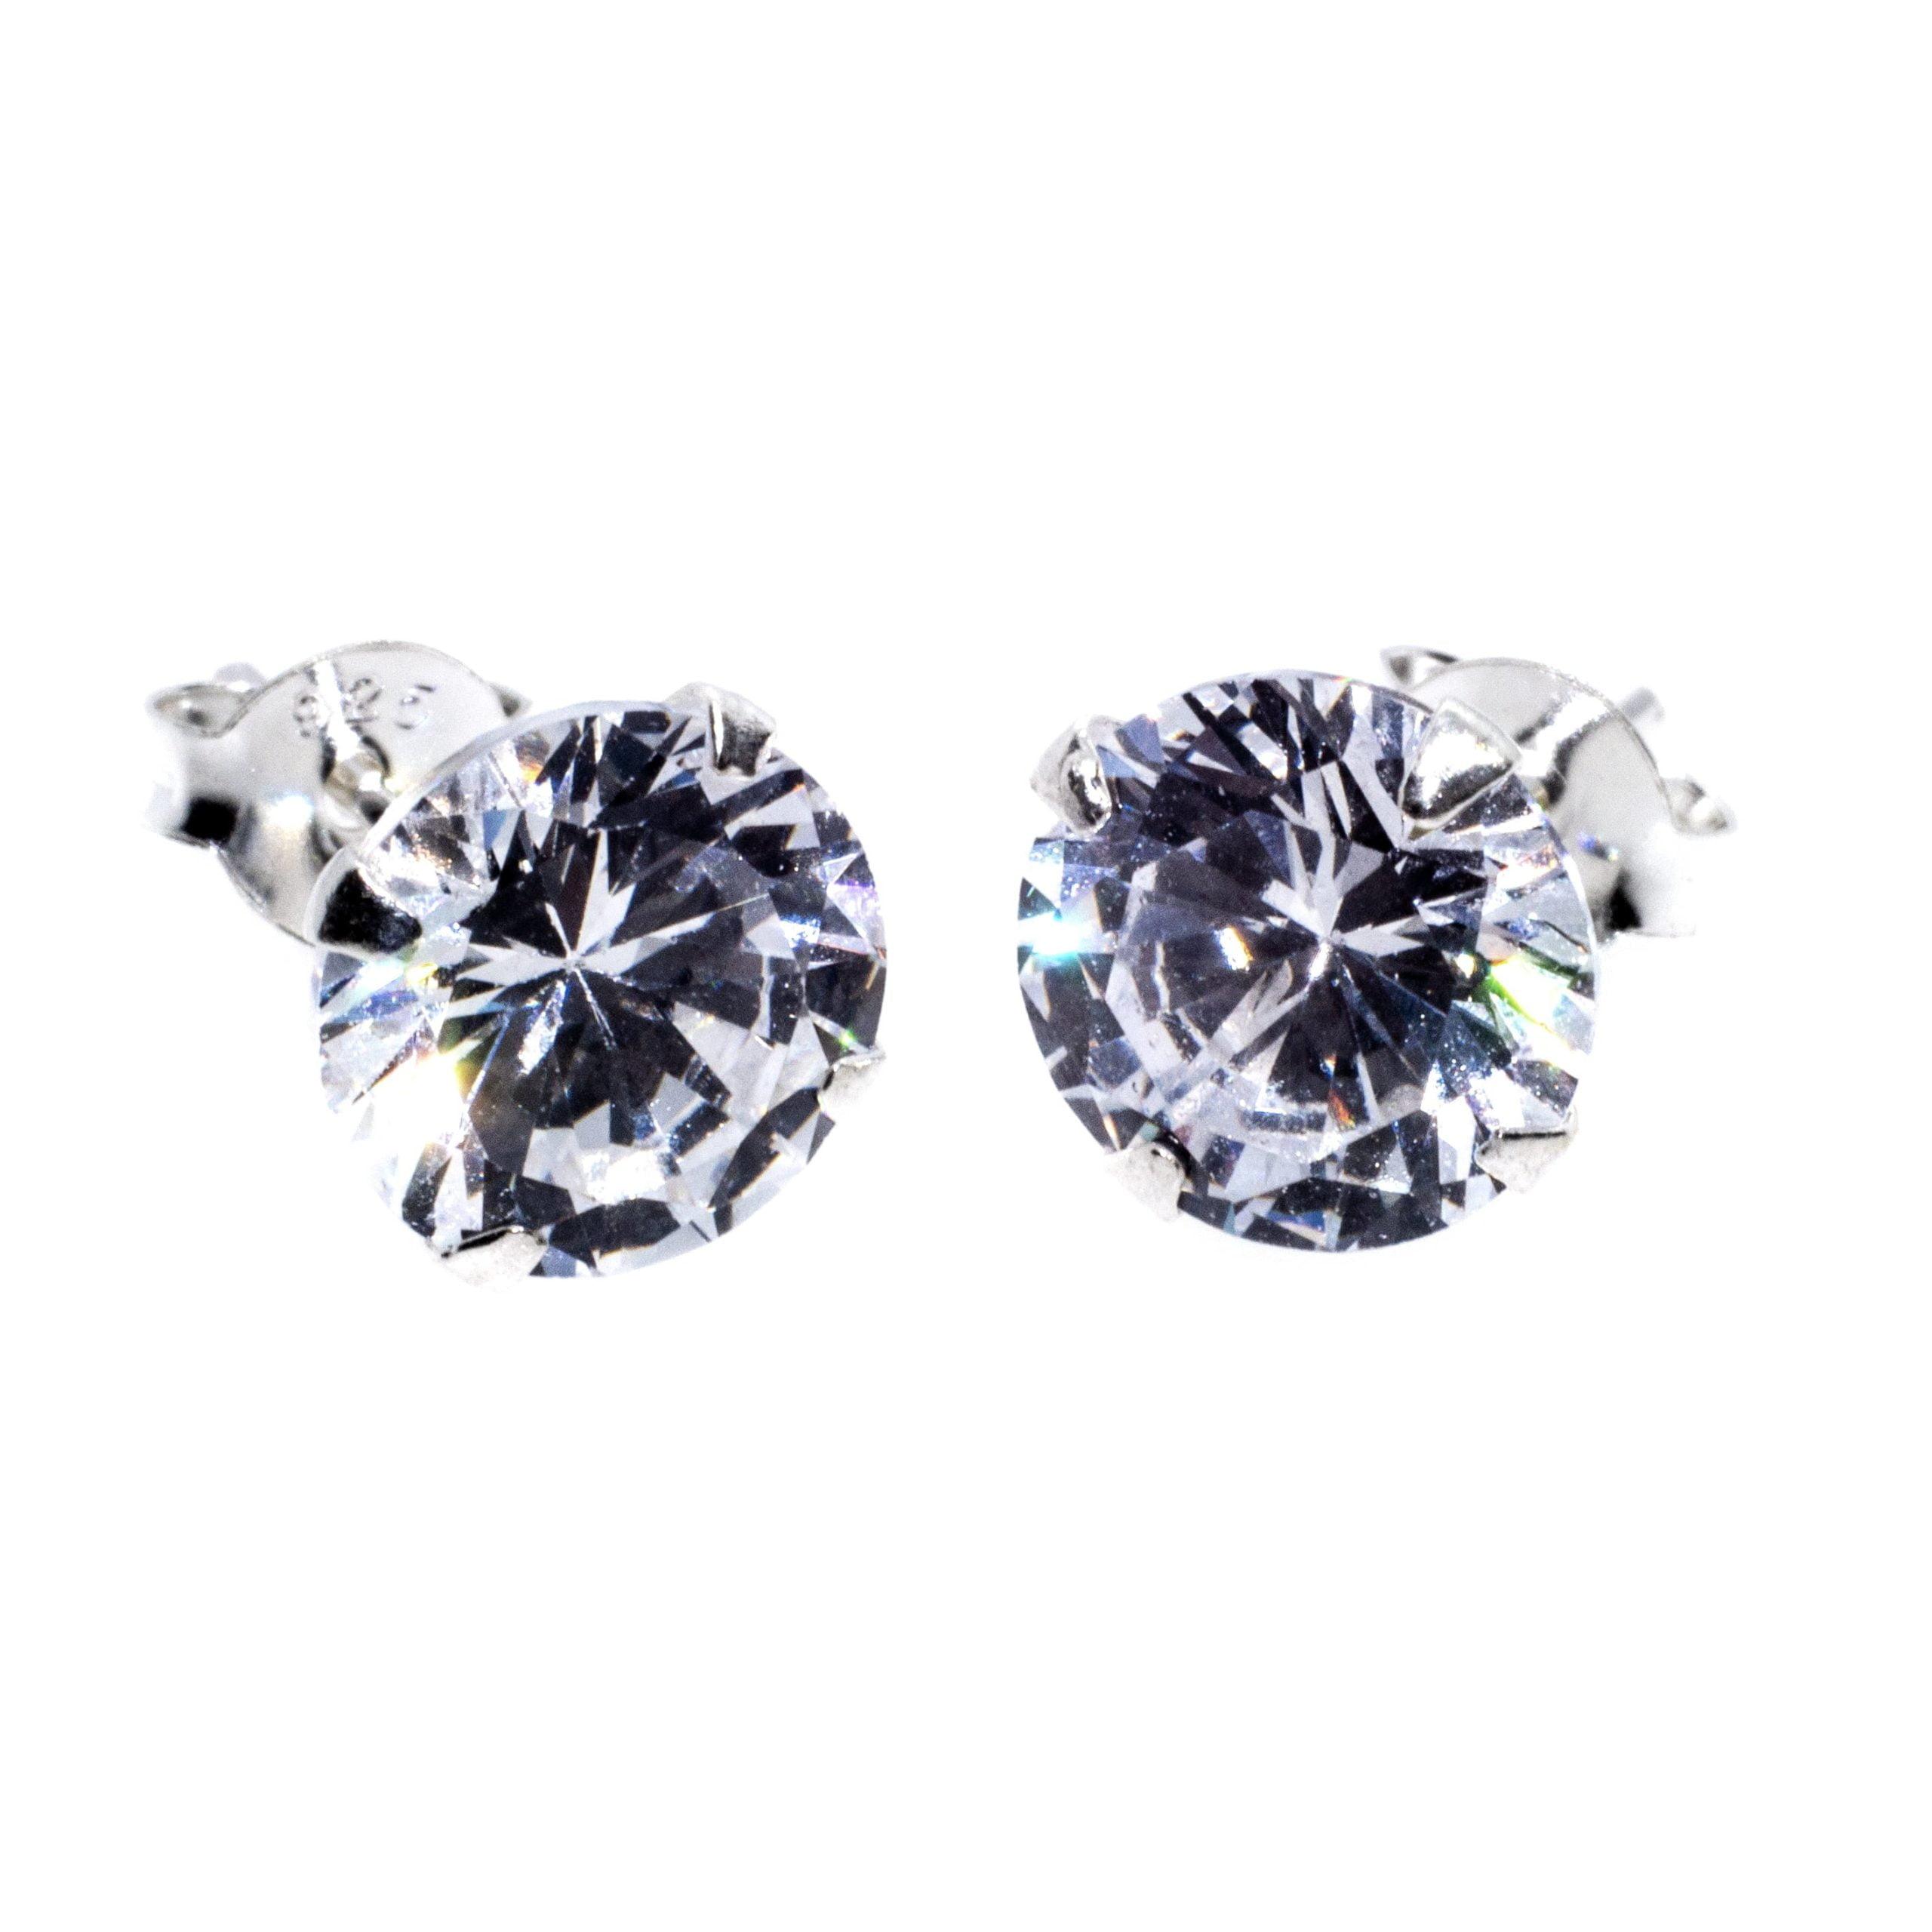 8mm CZ stud earrings sterling silver alt 2